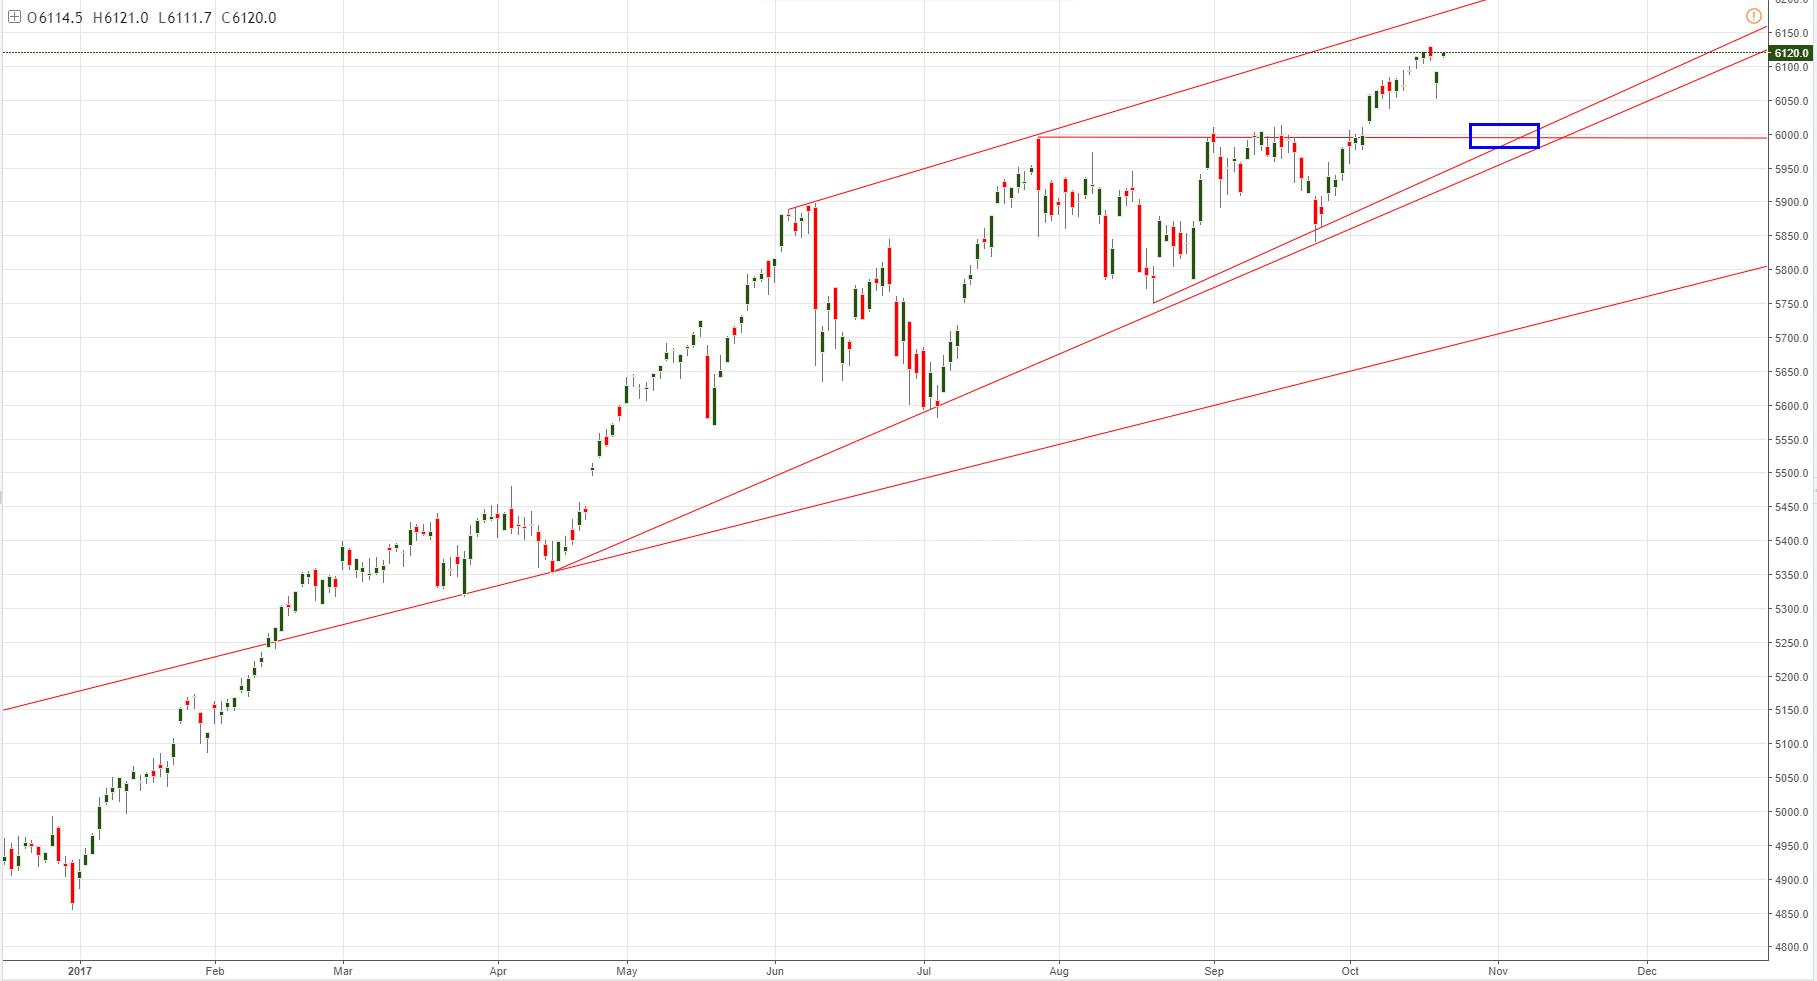 S&P 500 continúa cotizando al alza, tendencia alcista se mantiene intacta de momento